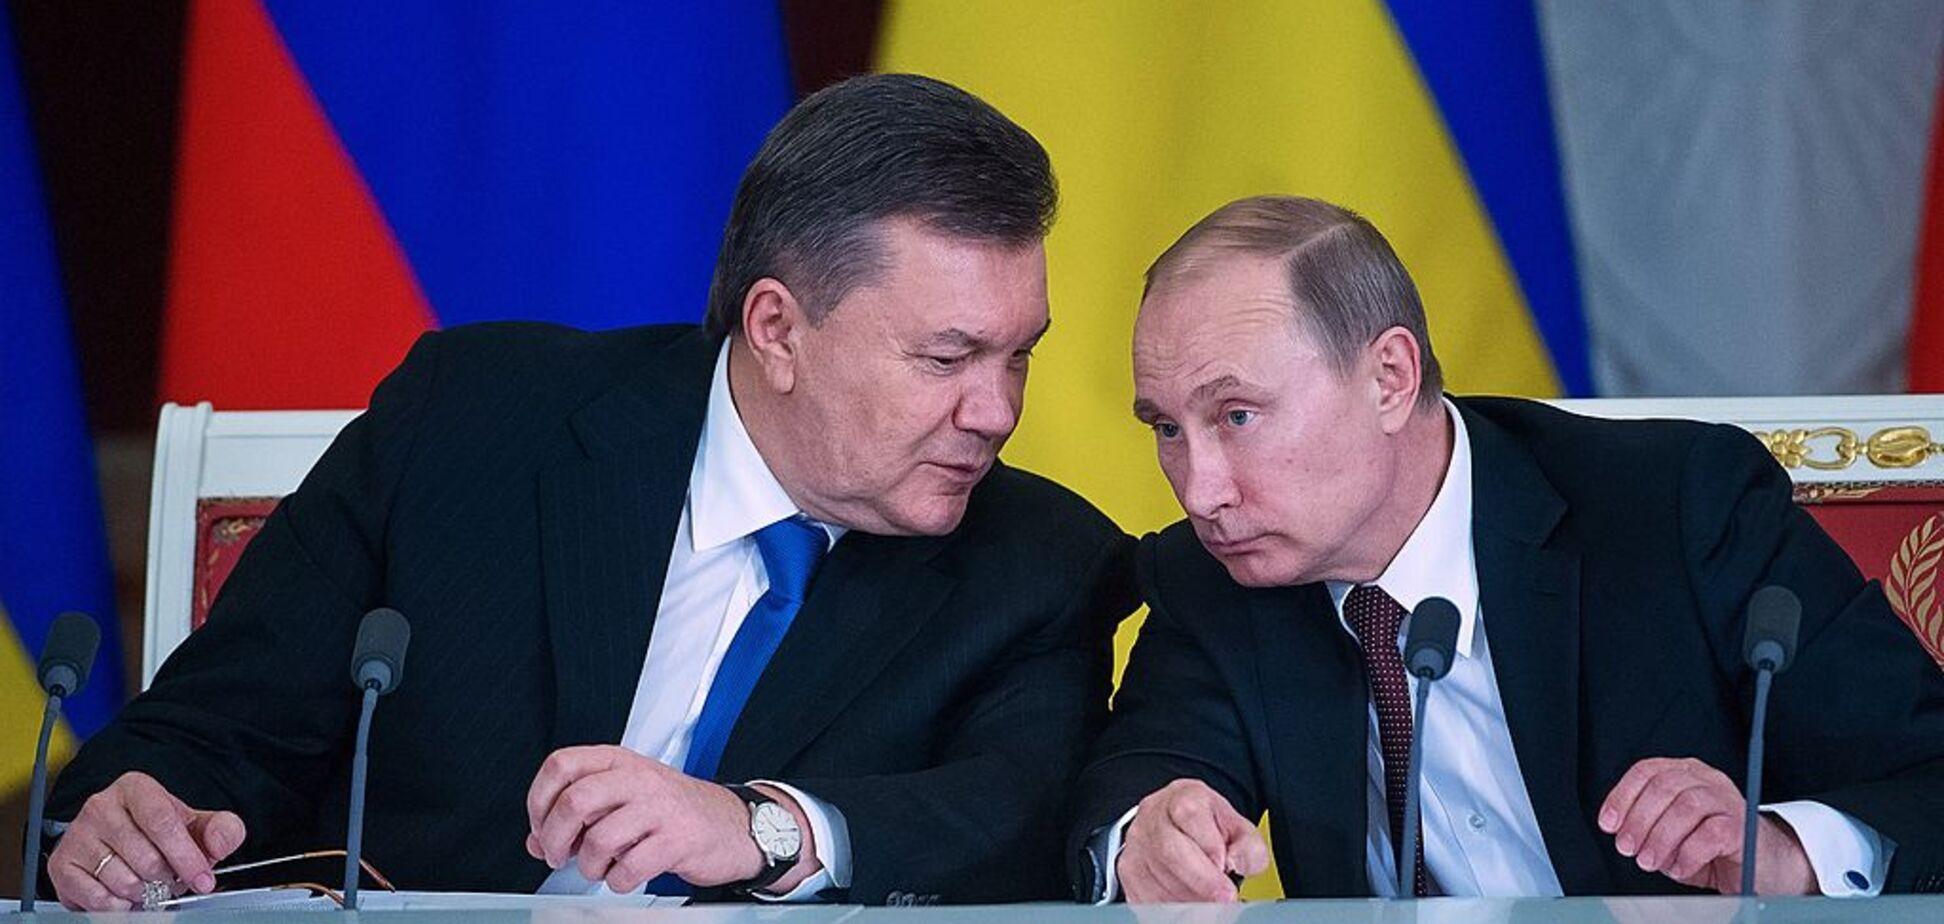 Ждать обострения? В США рассказали, как Путин может ответить на миротворцев в Украине